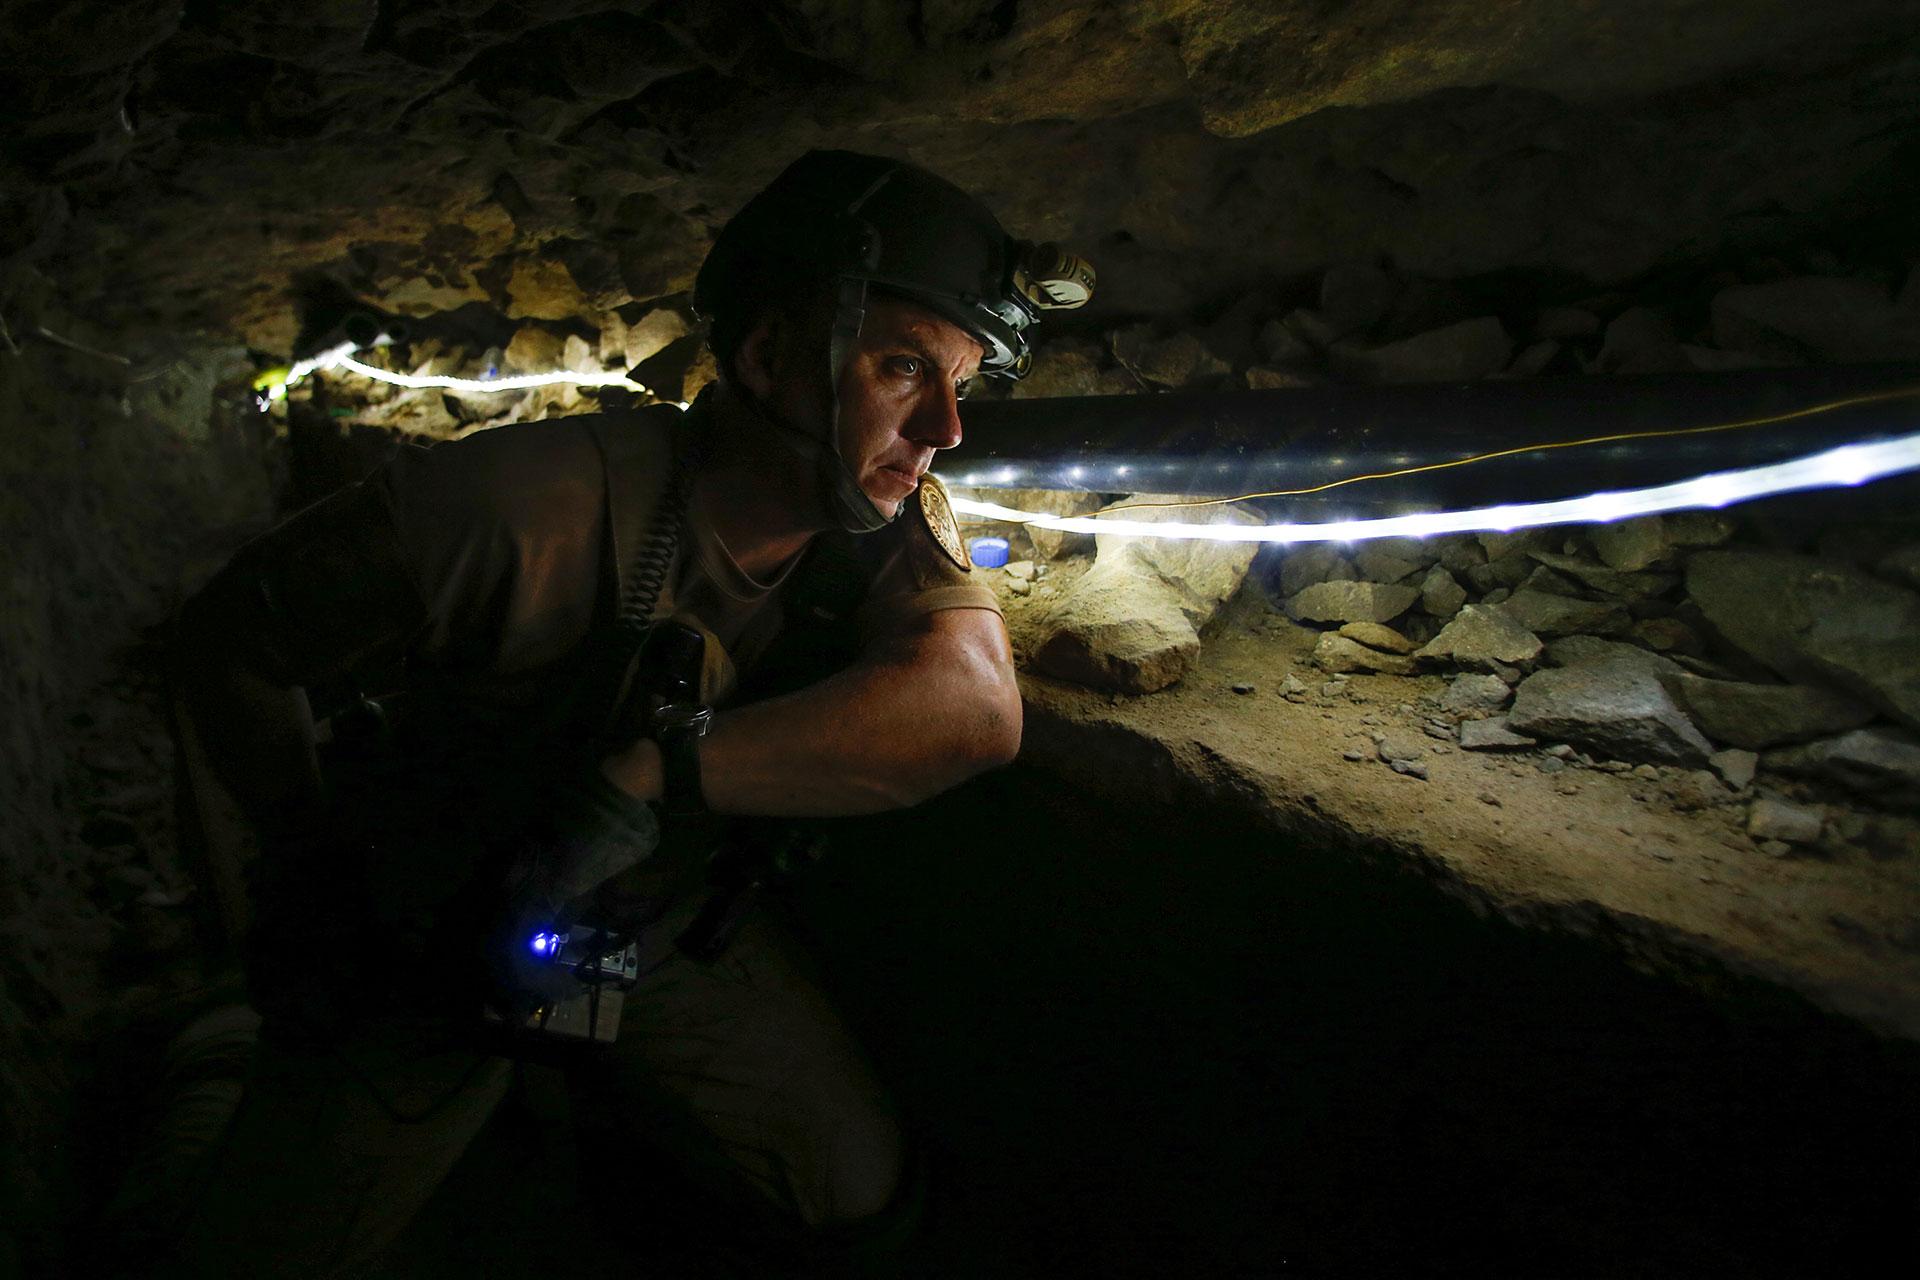 Un oficial federal de la Aduana y la Patrulla Fronteriza de EEUU inspecciona un túnel ilegal de contrabando bajo la frontera de México que ahora se usa para entrenar en San Diego, California